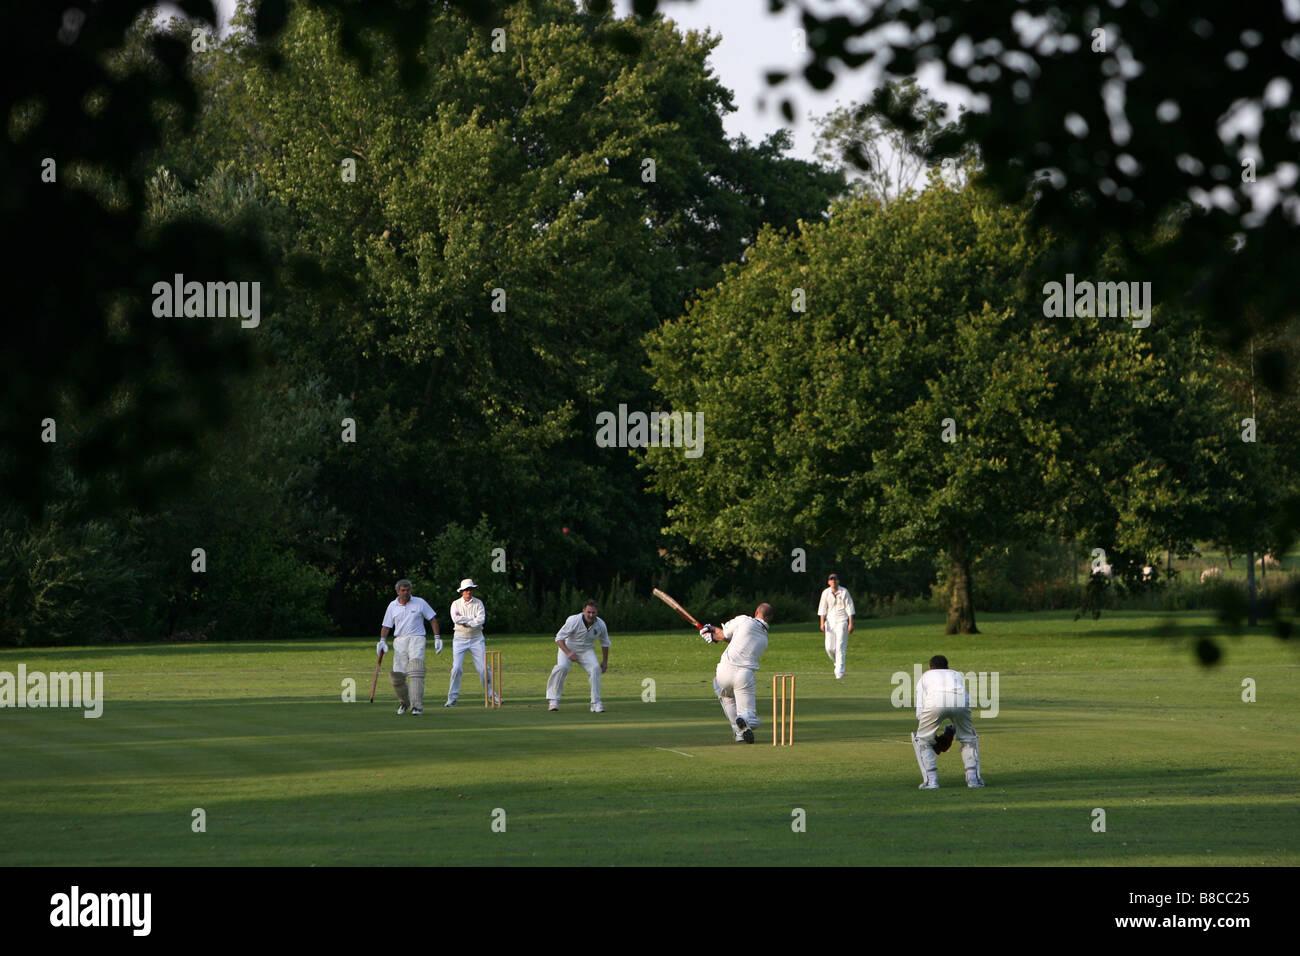 Una partita di cricket che viene giocato nella campagna inglese. Immagini Stock